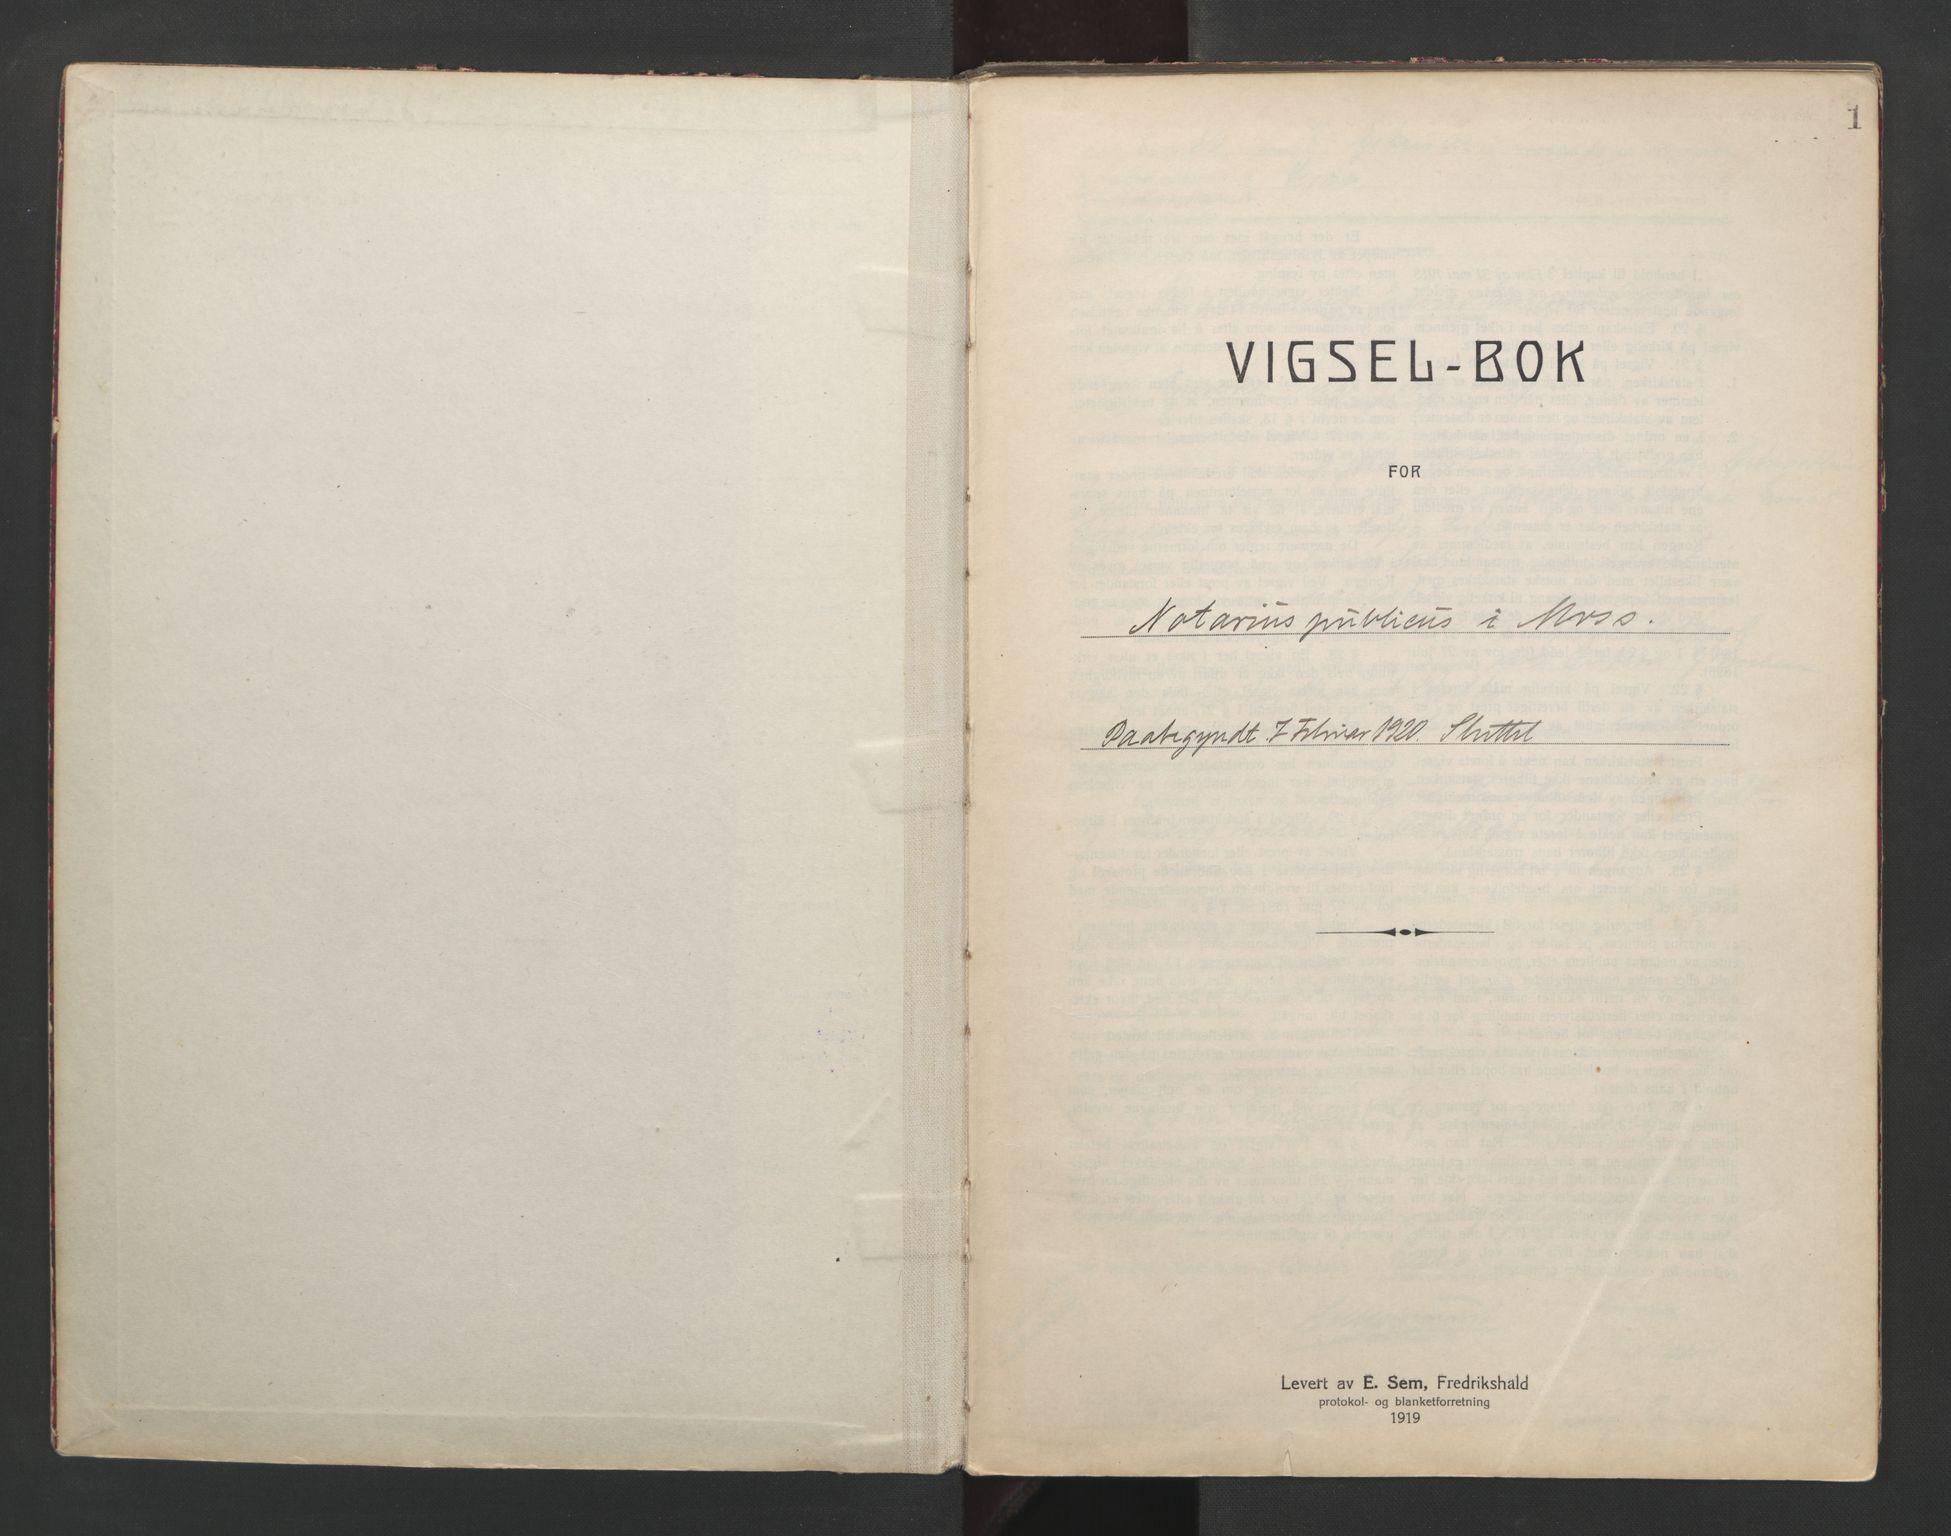 SAO, Moss byfogd, L/Lb/L0003: Vigselsbok, 1920-1932, s. 1